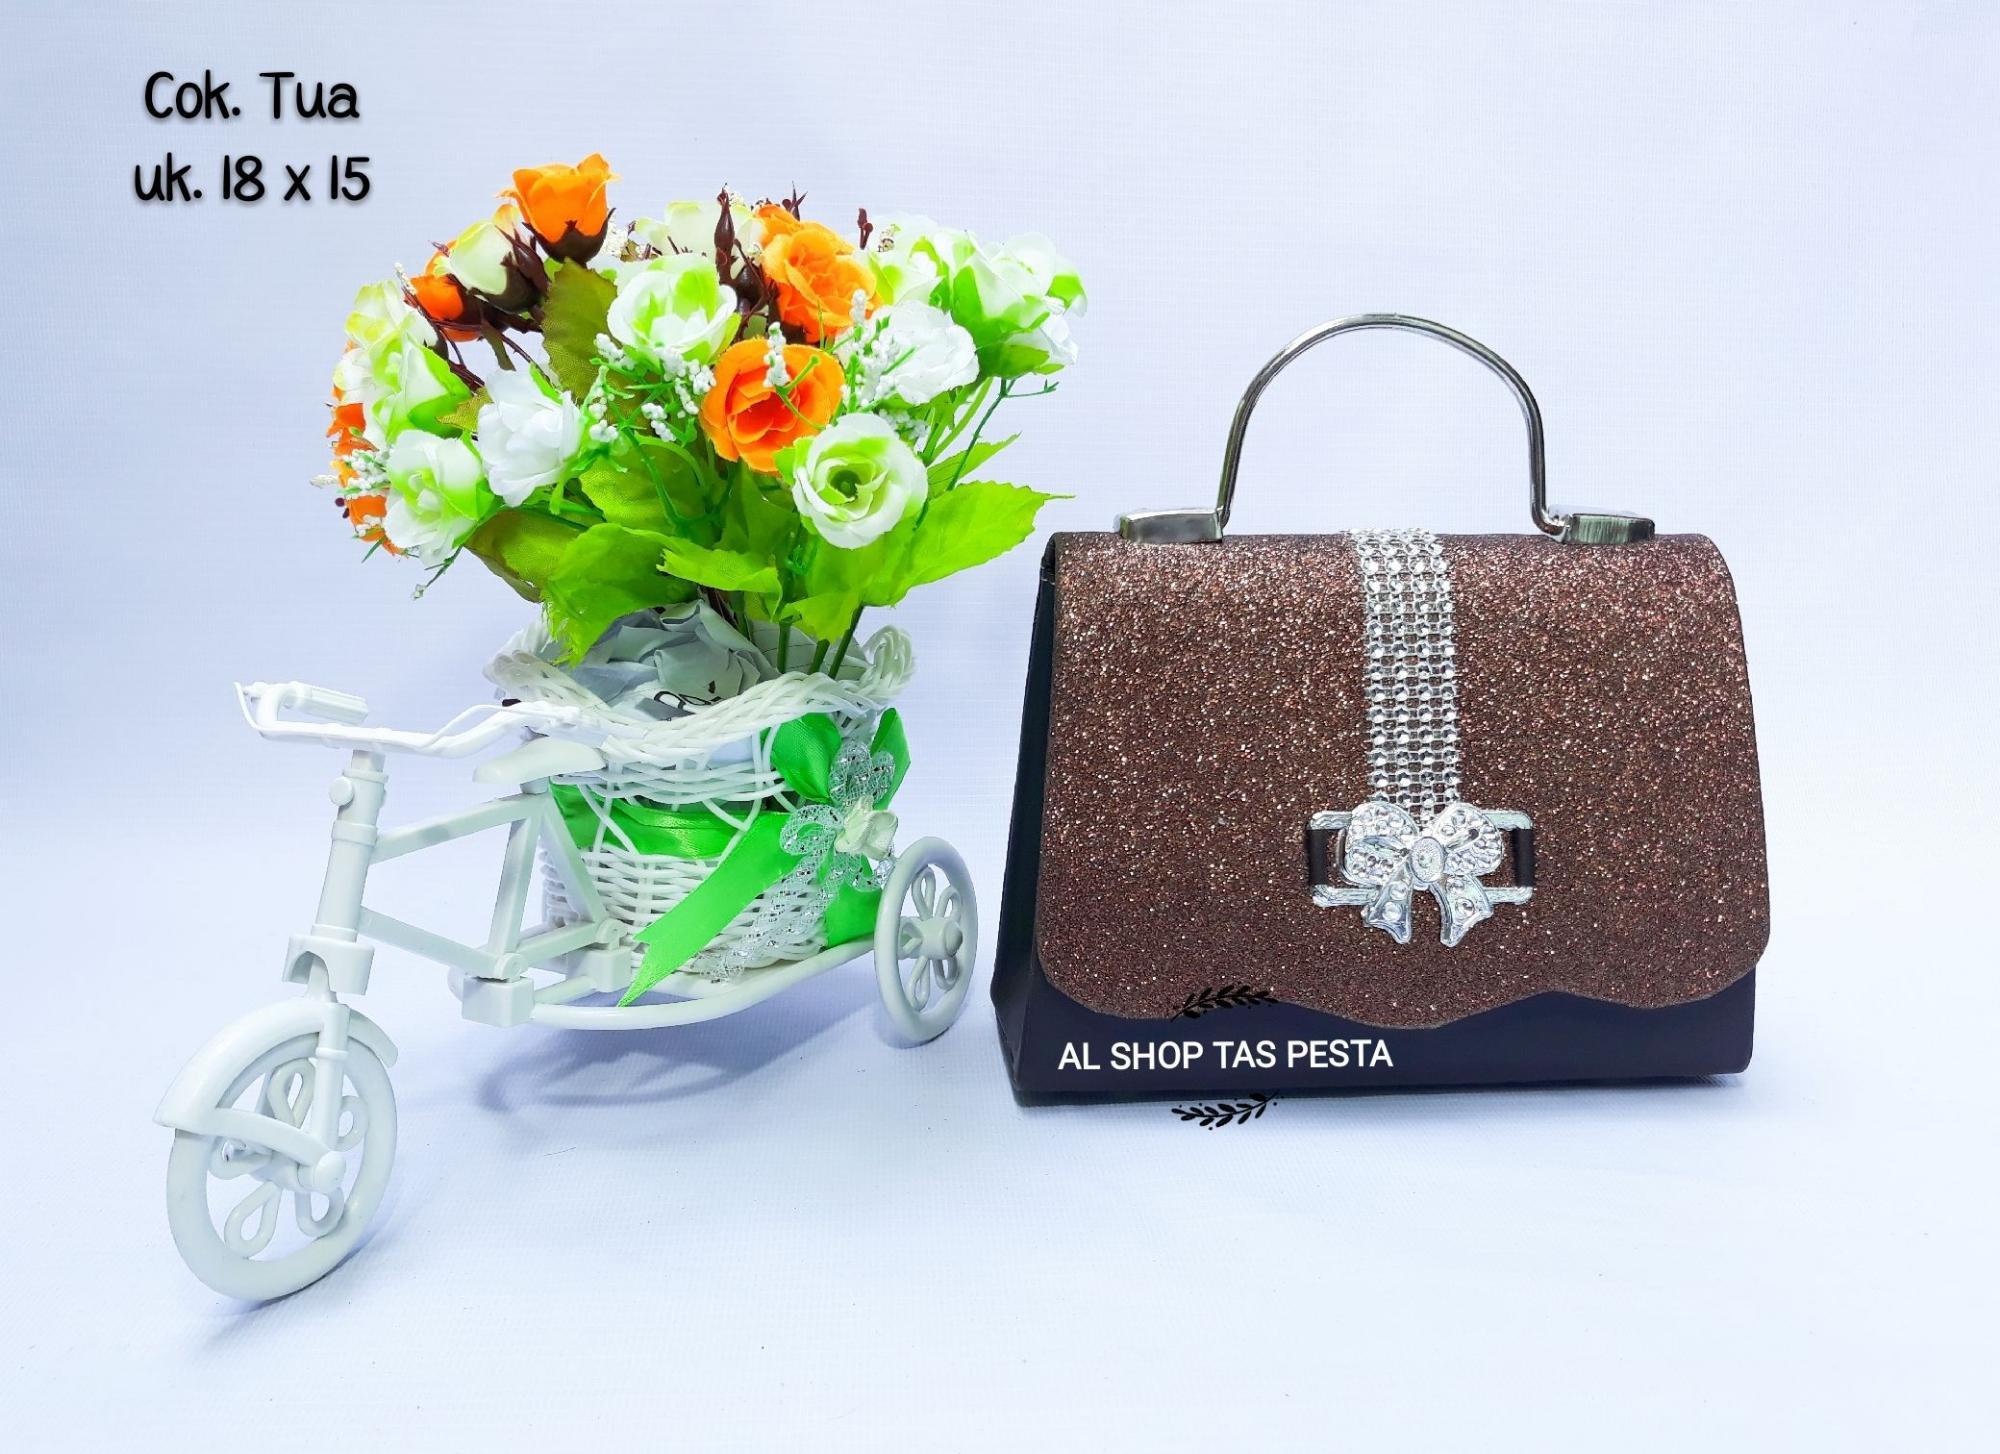 Genevieve 90131 Tas Handbags Dan Selempang Canti Dari Korea Mini Bag Wanita Cantik 33363 Black Import Harga 90123 Source